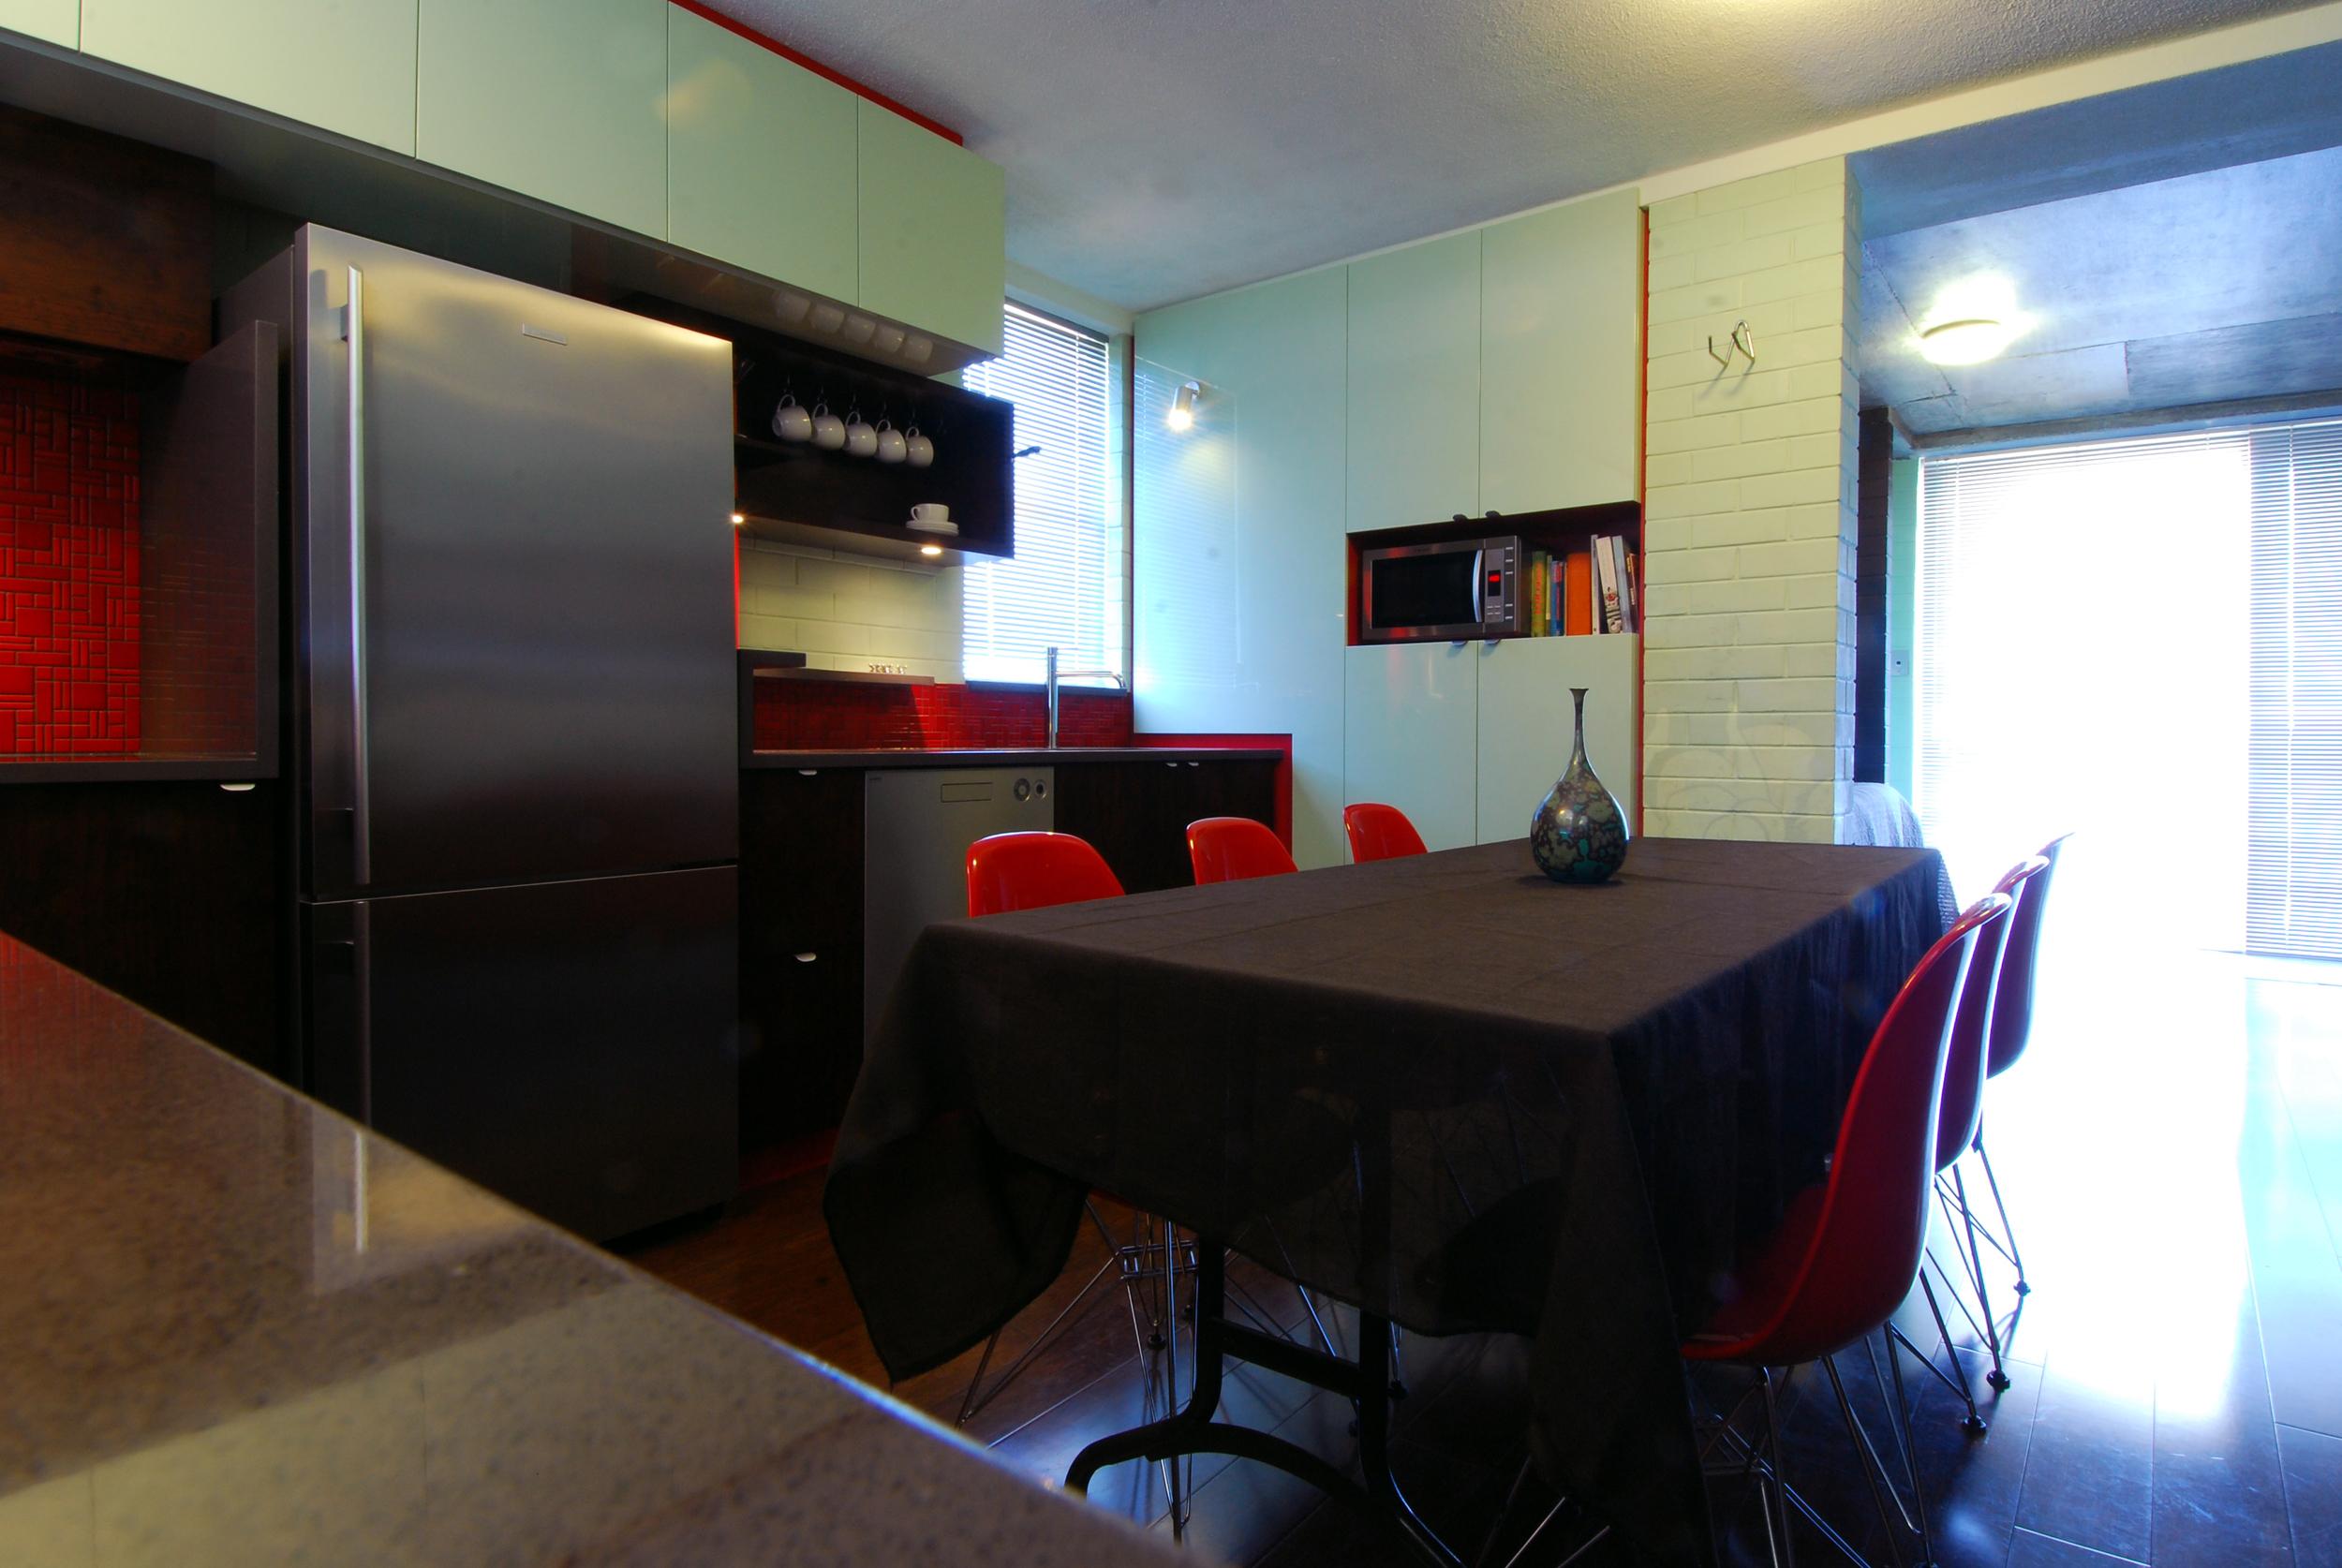 kitchen interior 1.jpg